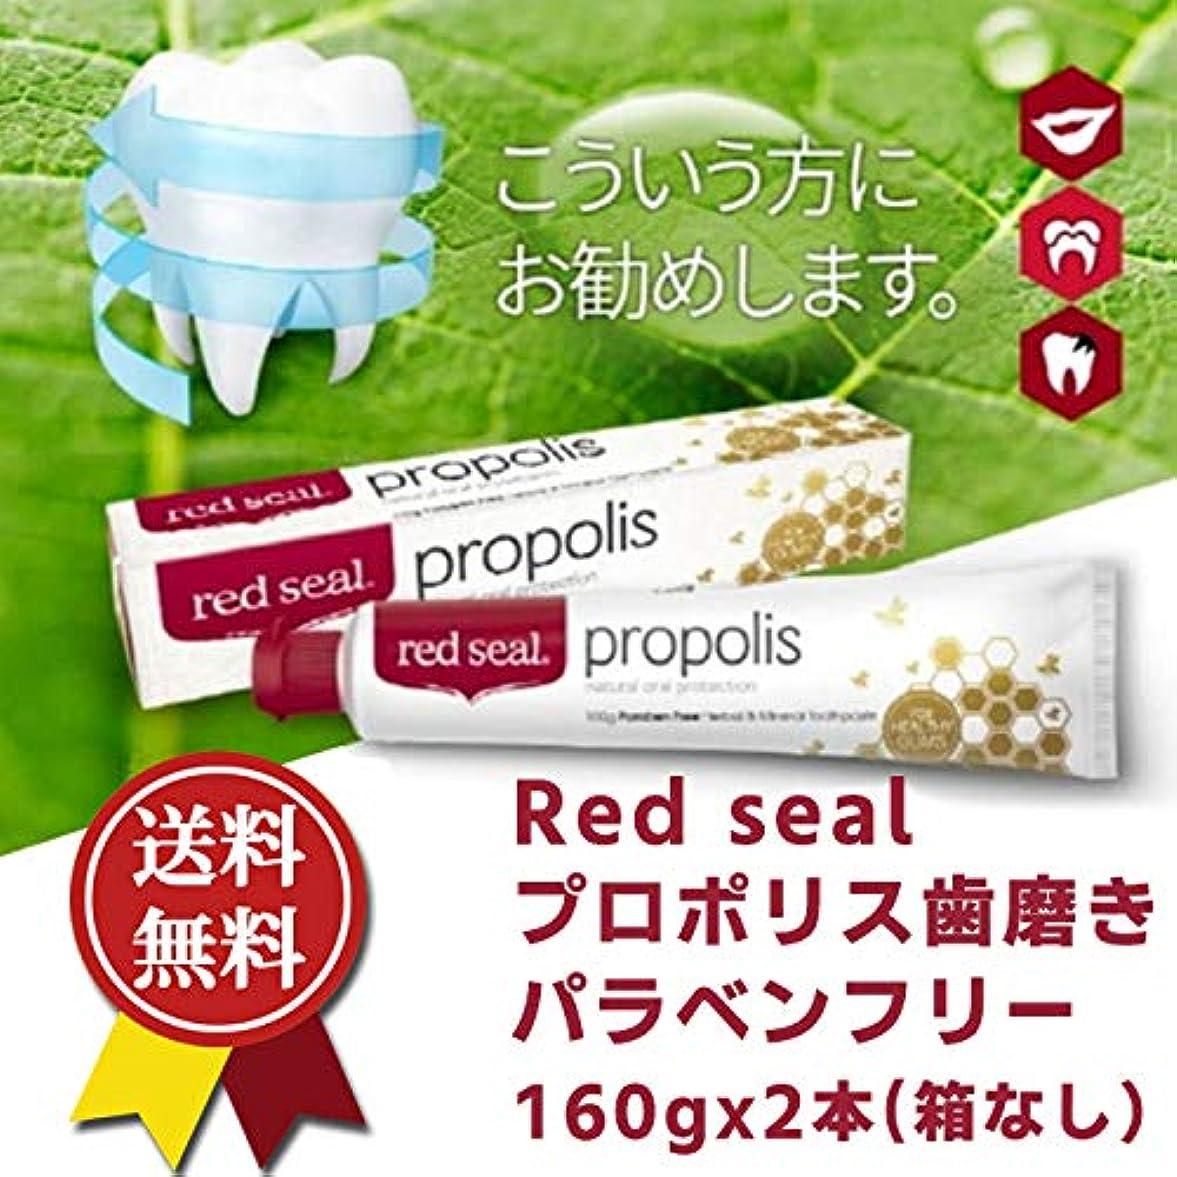 パトロン蒸留する黙★送料無料★red seal レッドシール プロポリス 歯磨き粉 160gx2本 RED SEAL Propolis Toothpaste